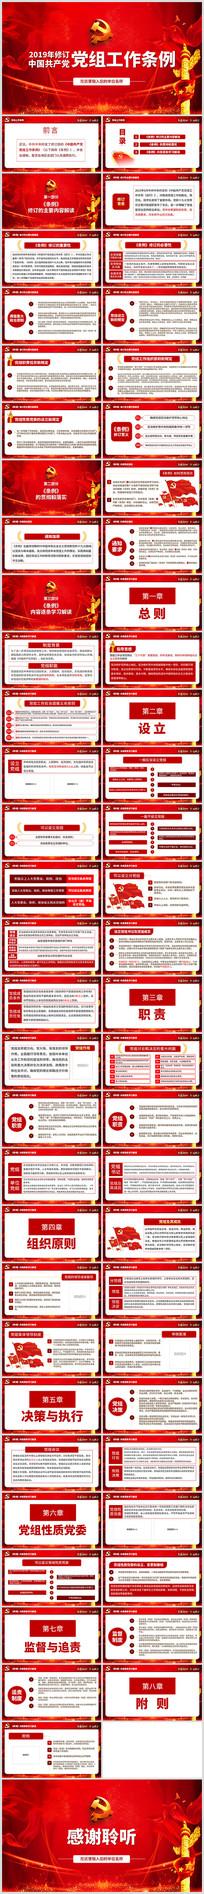 中国共产党党组工作条例学习解读PPT